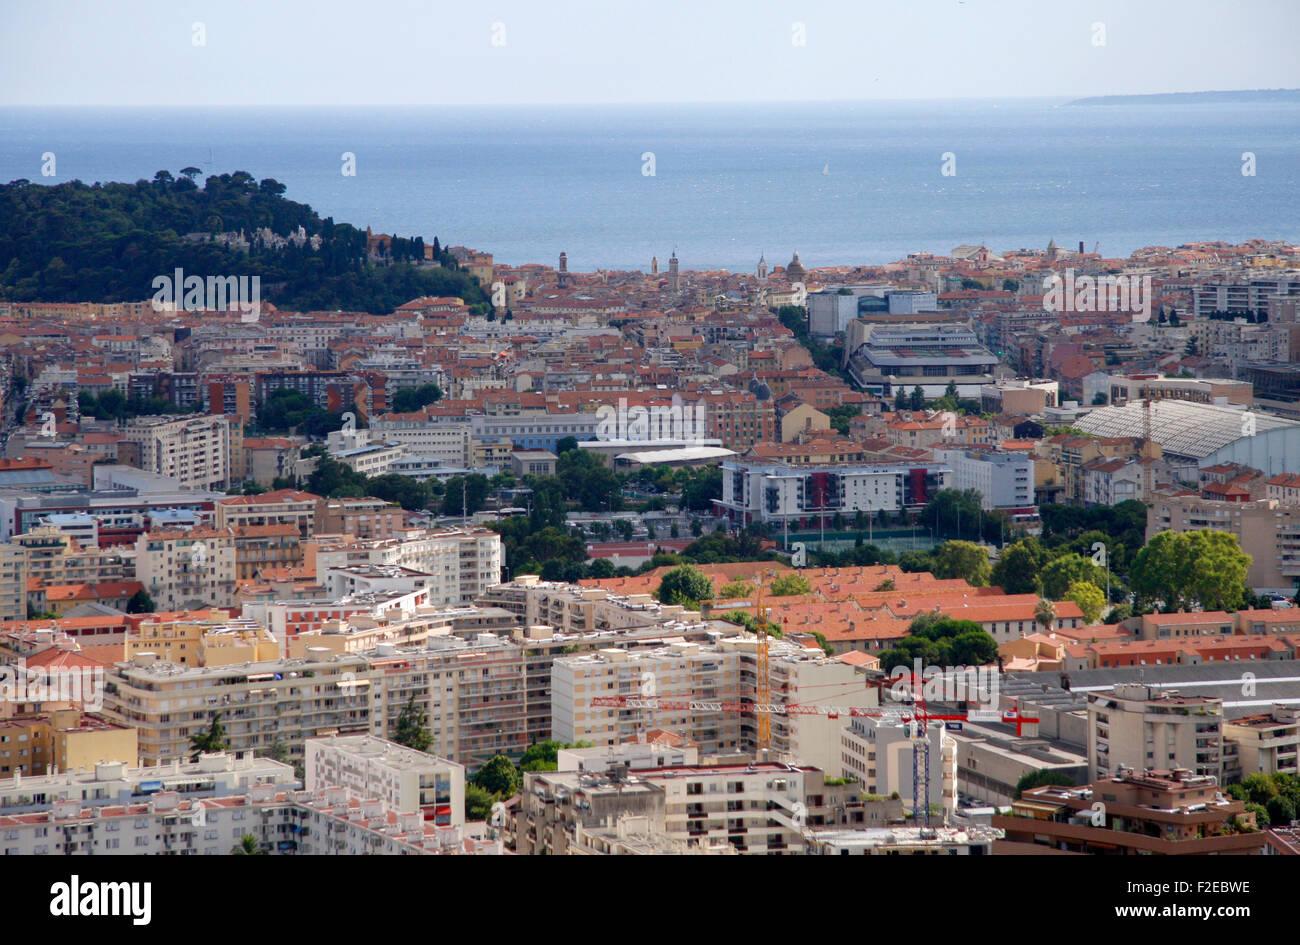 Impressionen: Nizza, Cote d Azur, Frankreich. - Stock Image